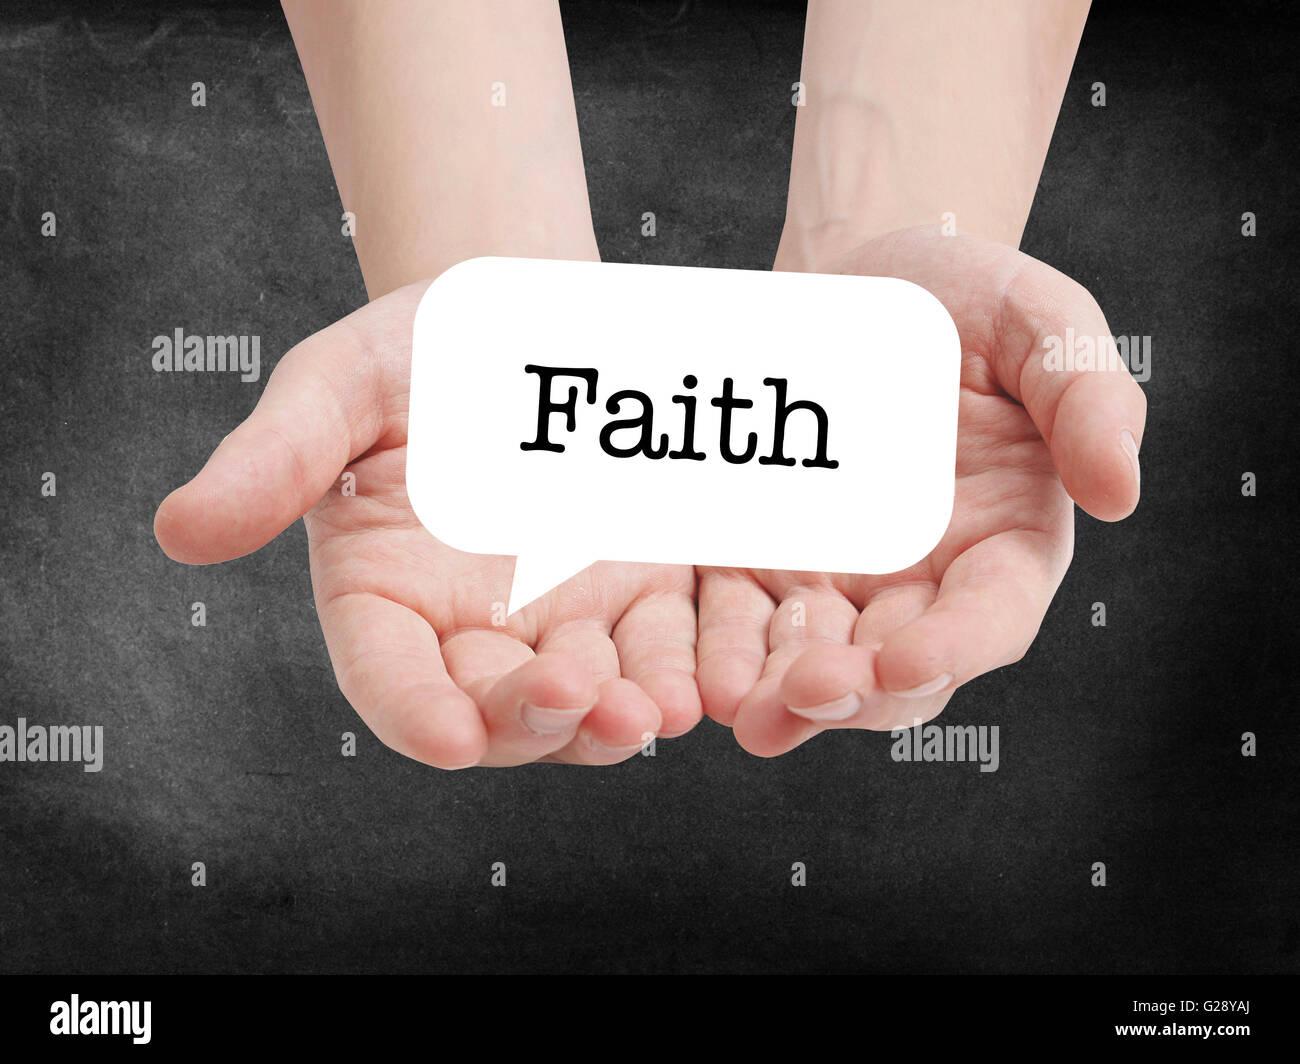 Faith written on a speechbubble - Stock Image